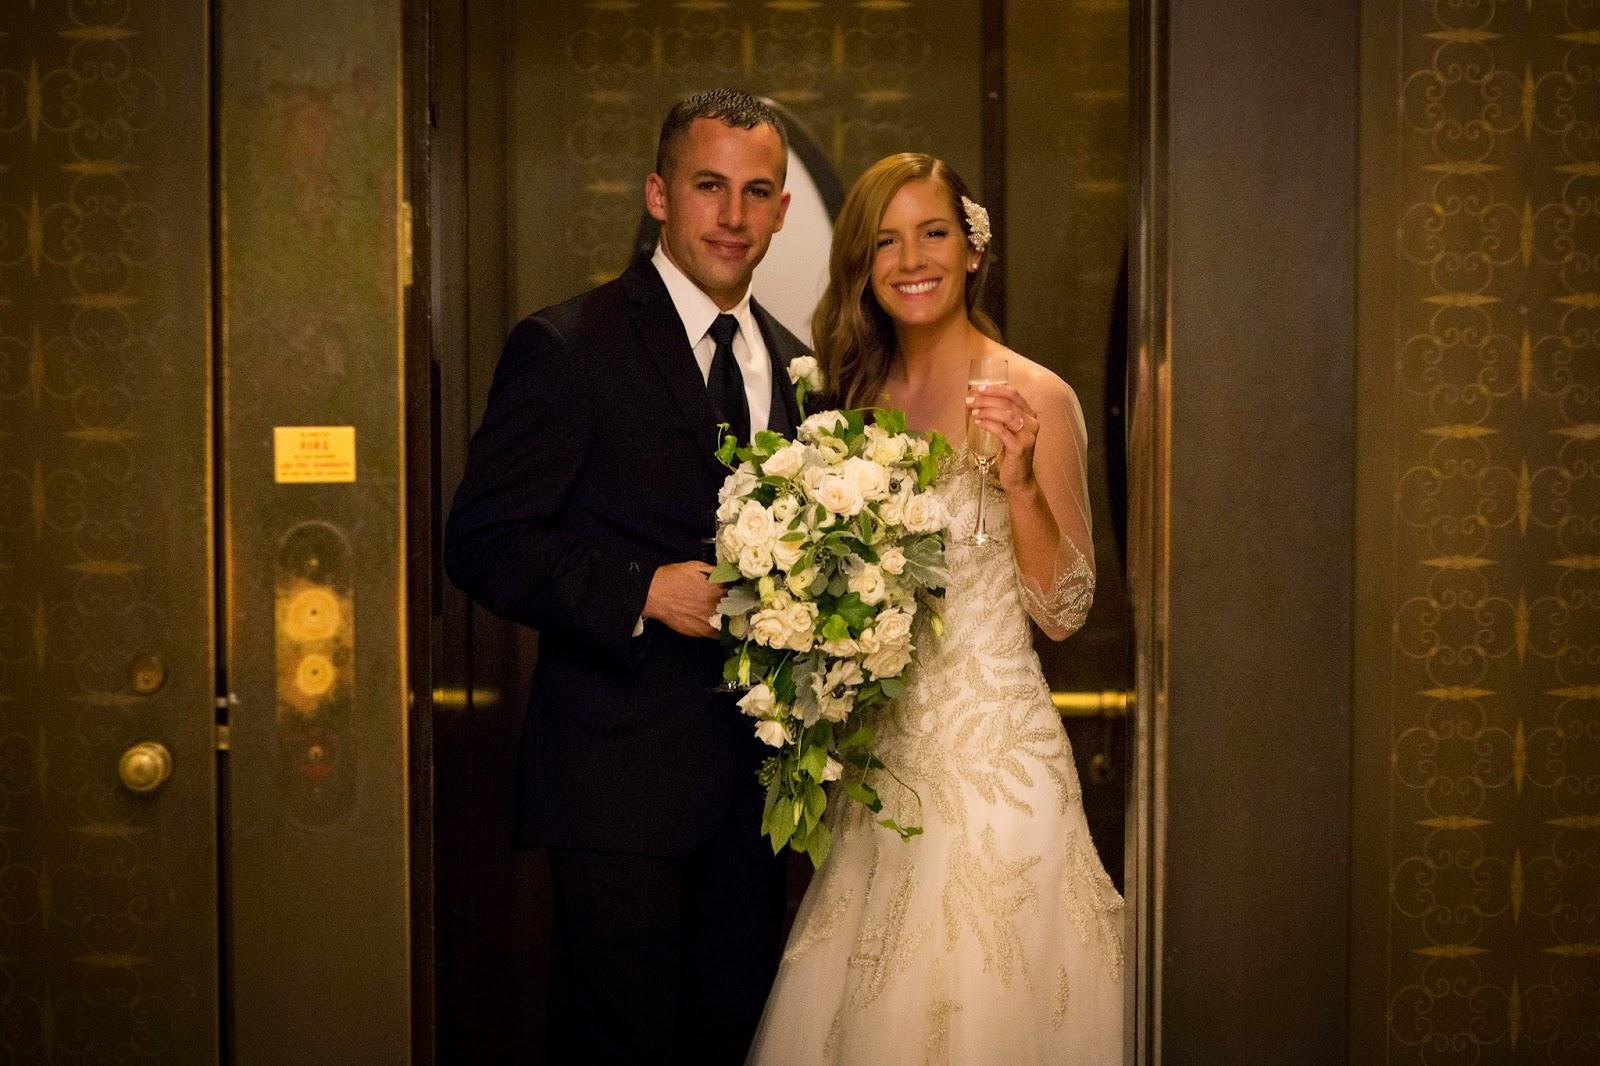 les fleurs : boston public library wedding : cascade bouquet : white anemone